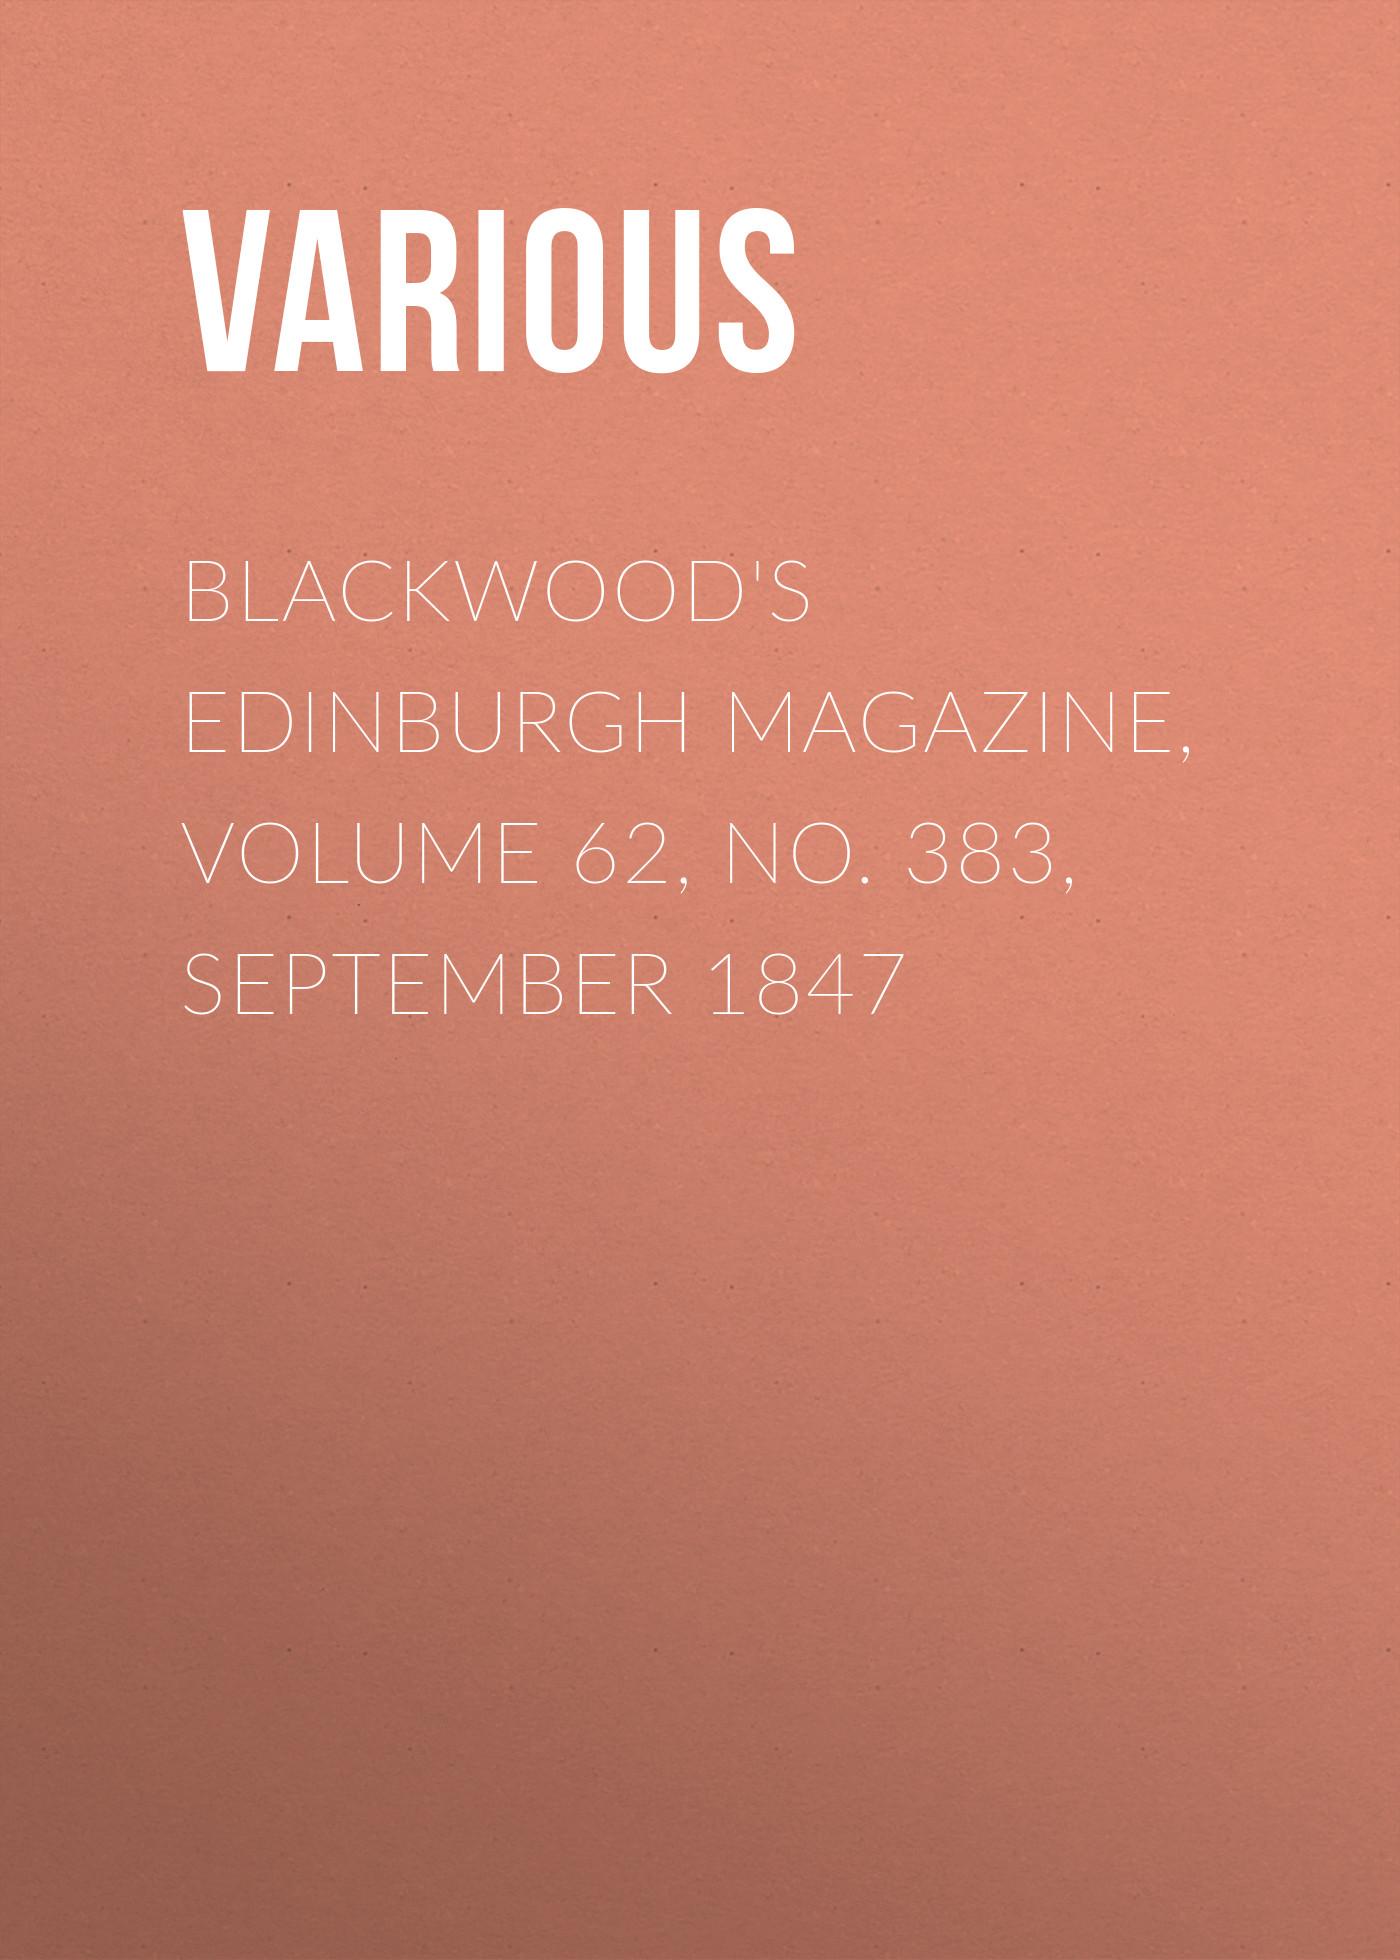 лучшая цена Various Blackwood's Edinburgh Magazine, Volume 62, No. 383, September 1847